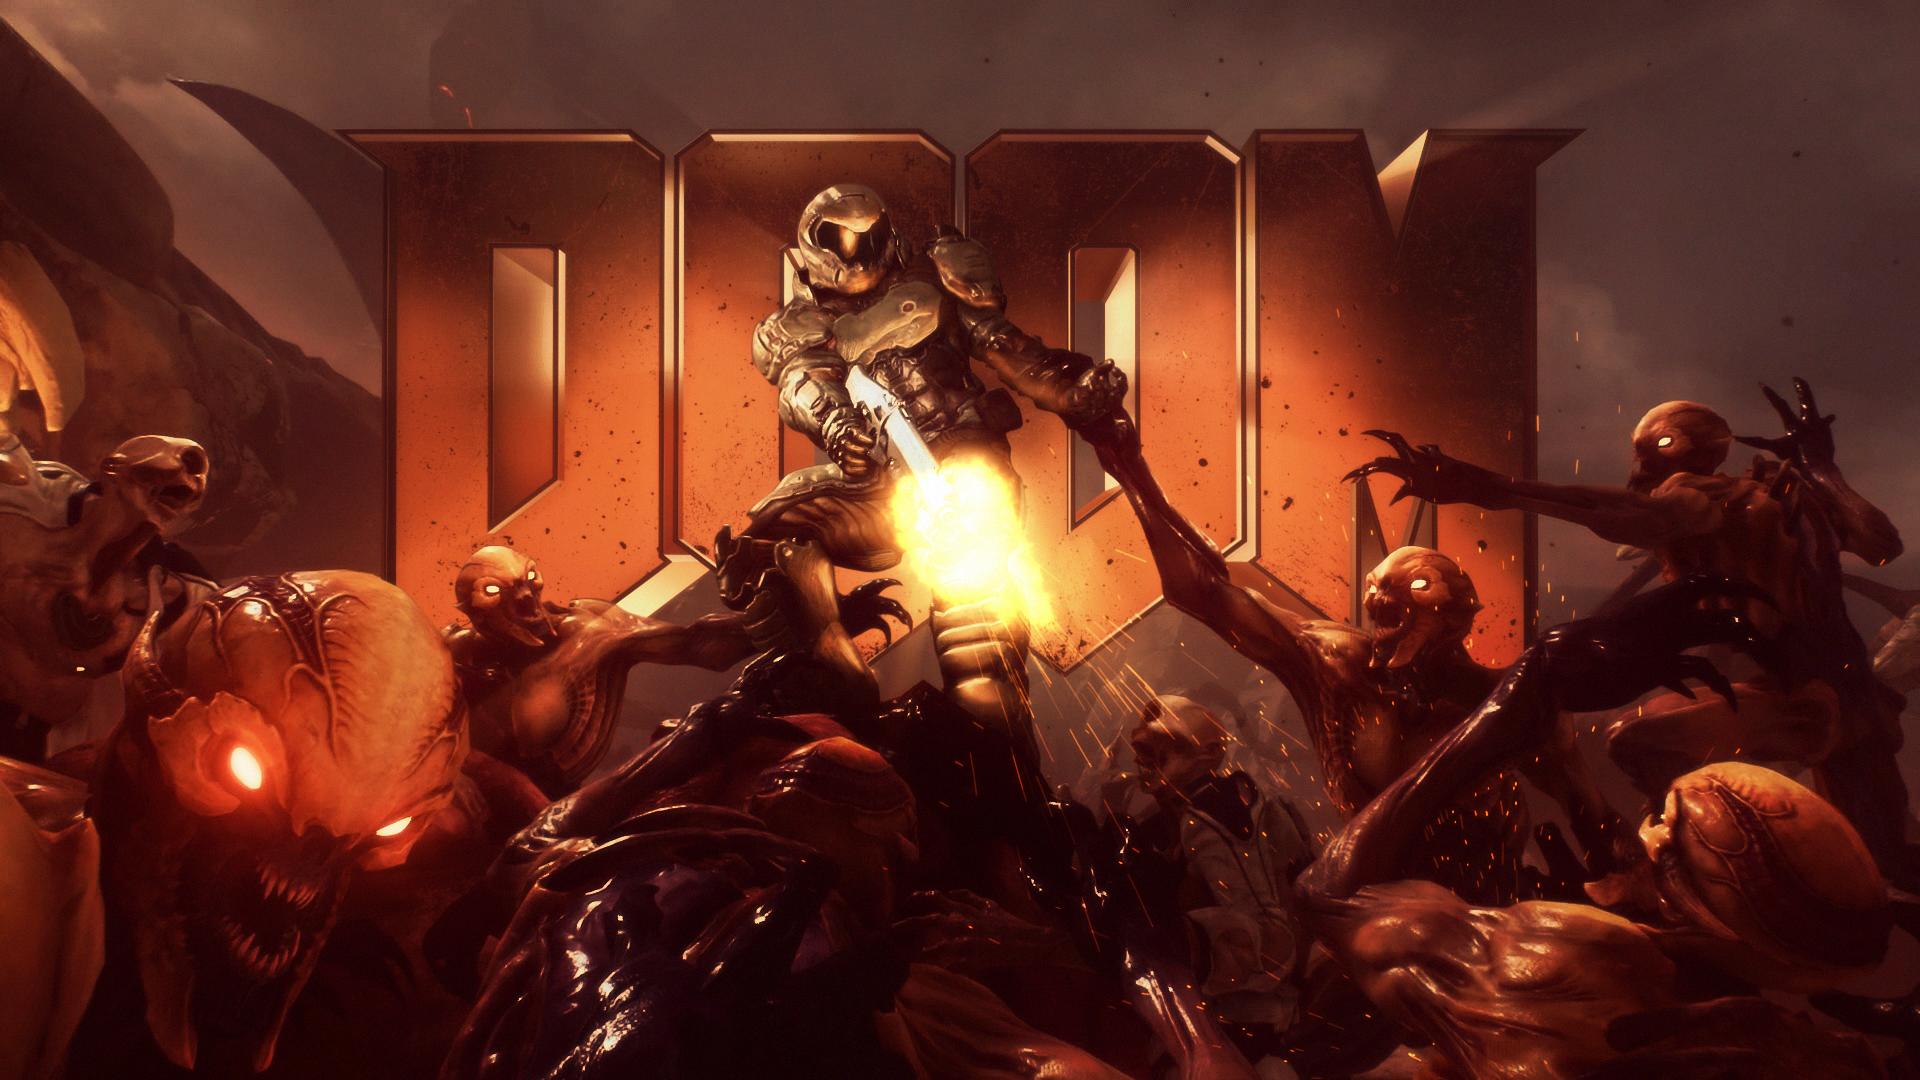 Classic Doom 2016 Wallpaper Doom 2016 Games Doom 4